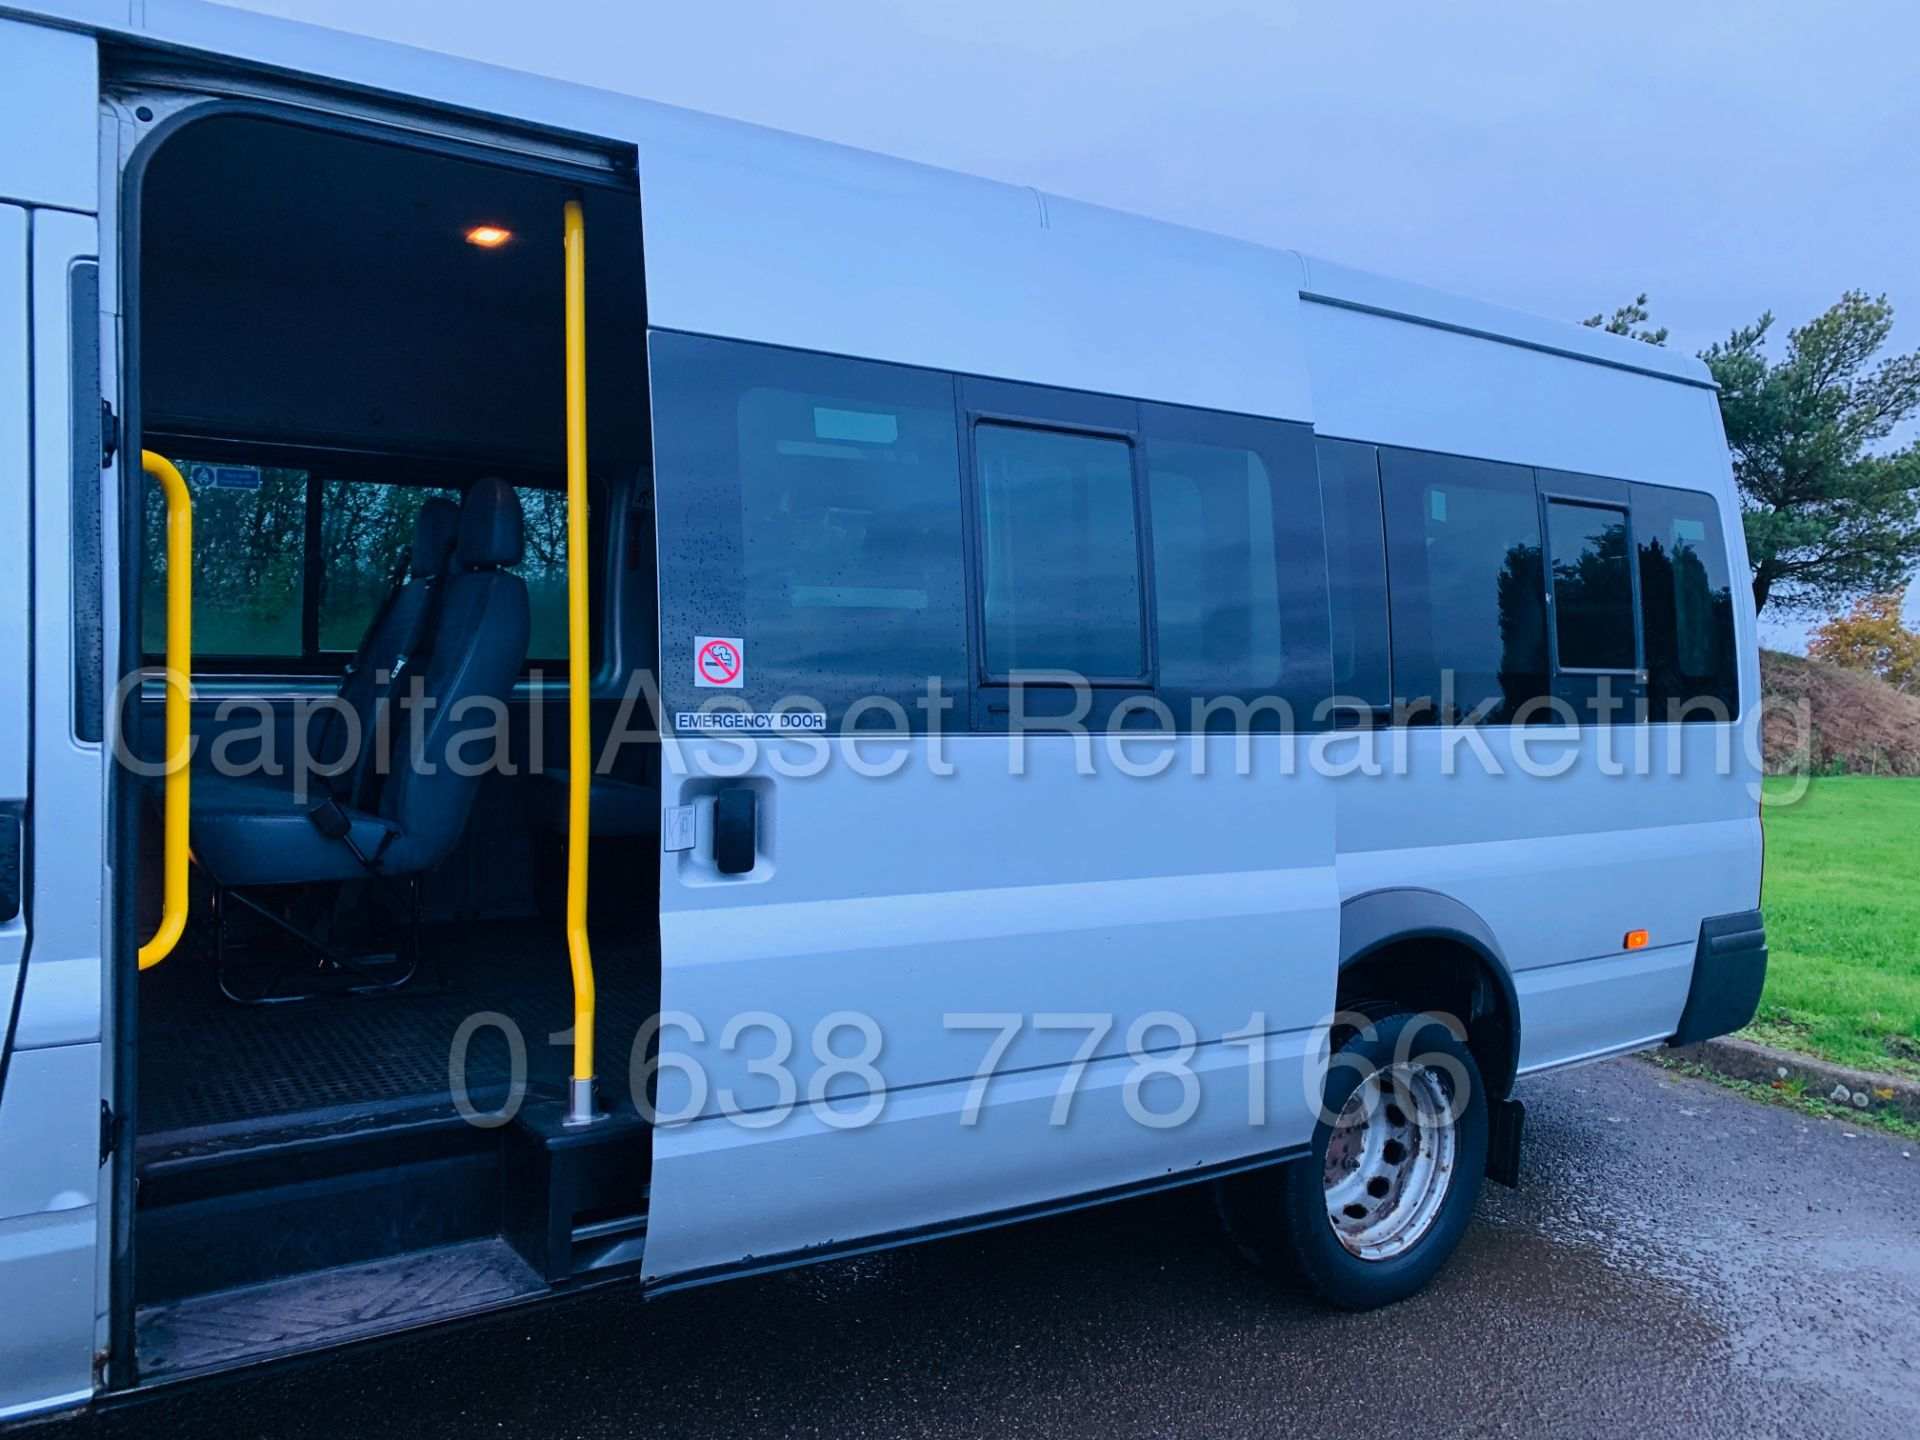 Lot 10A - FORD TRANSIT 135 T430 RWD *XLWB -17 SEATER MINI-BUS* (2013) '2.2 TDCI - 135 BHP - 6 SPEED' (1 OWNER)